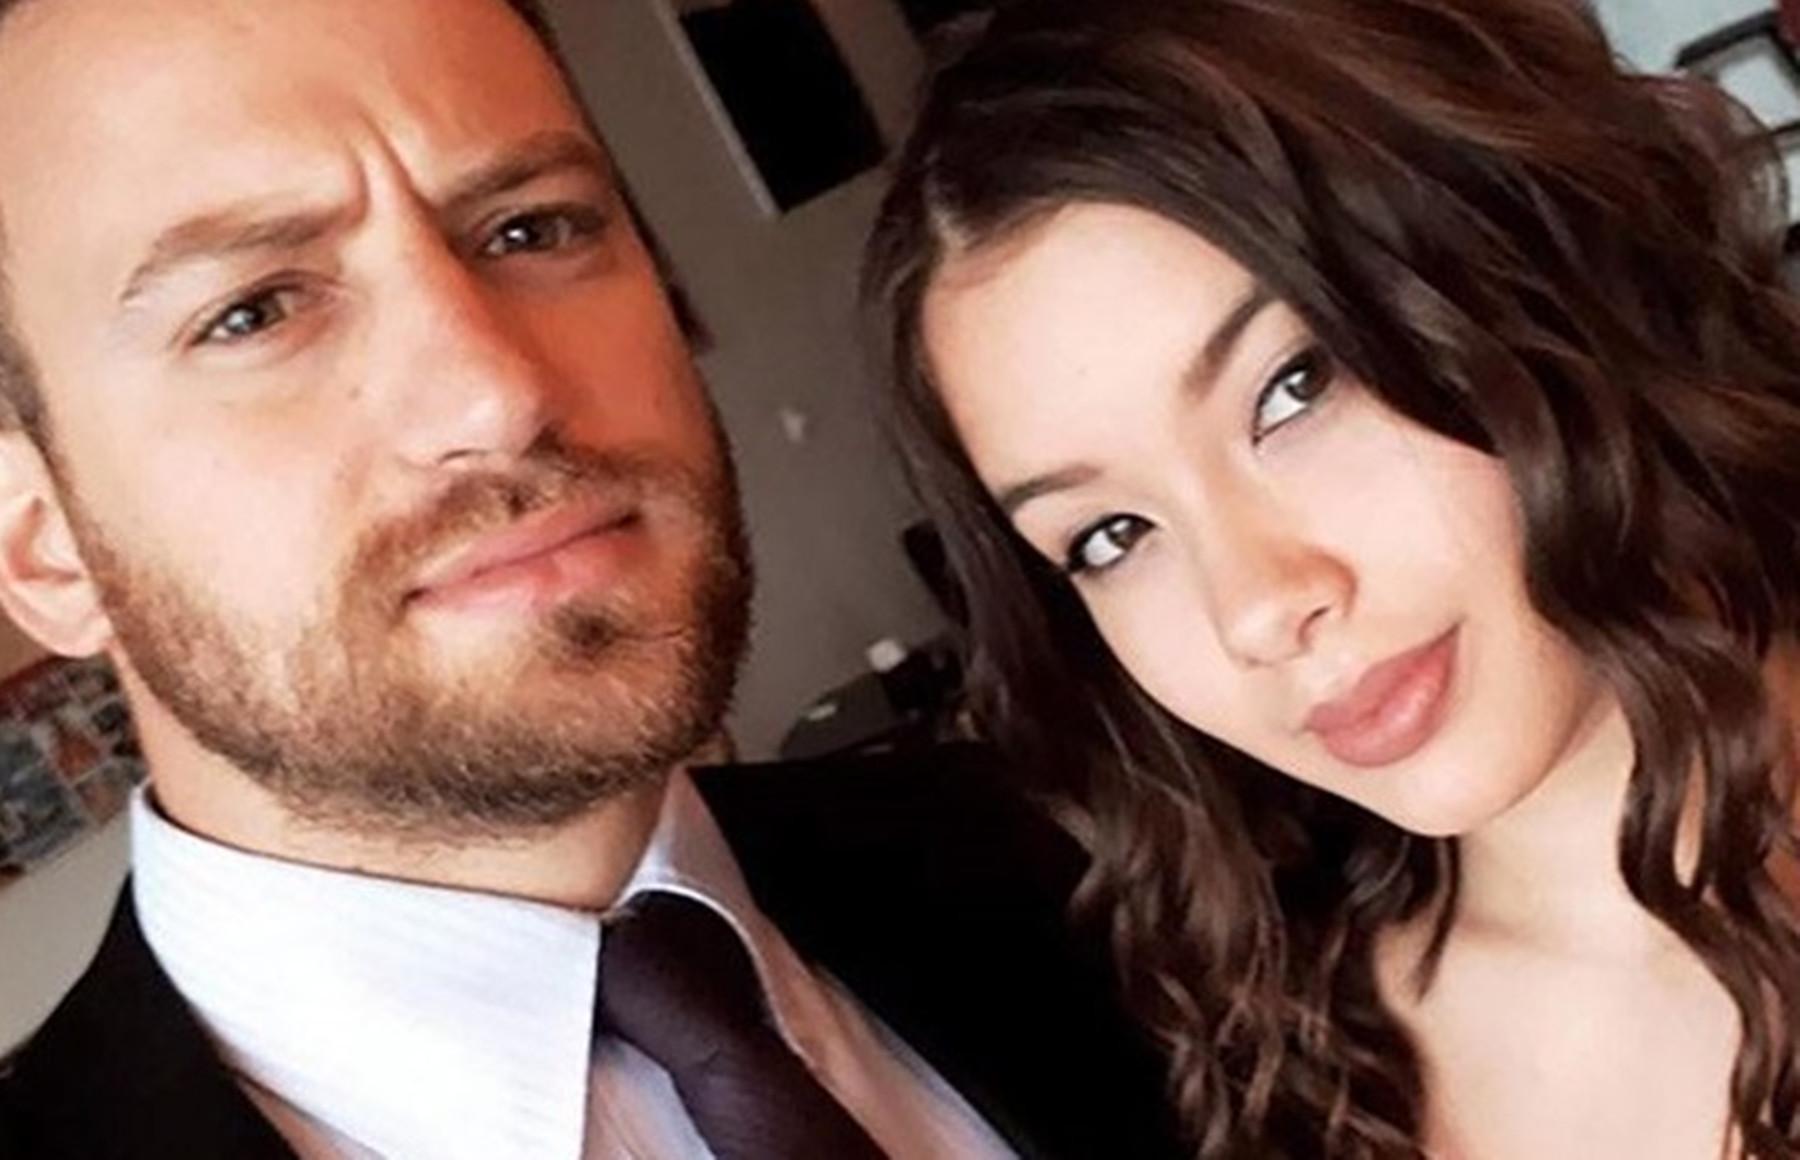 Γλυκά Νερά: Συνελήφθη ο πιλότος για τη δολοφονία της Καρολάιν – Πώς «έσπασε» στην ανάκριση (video)